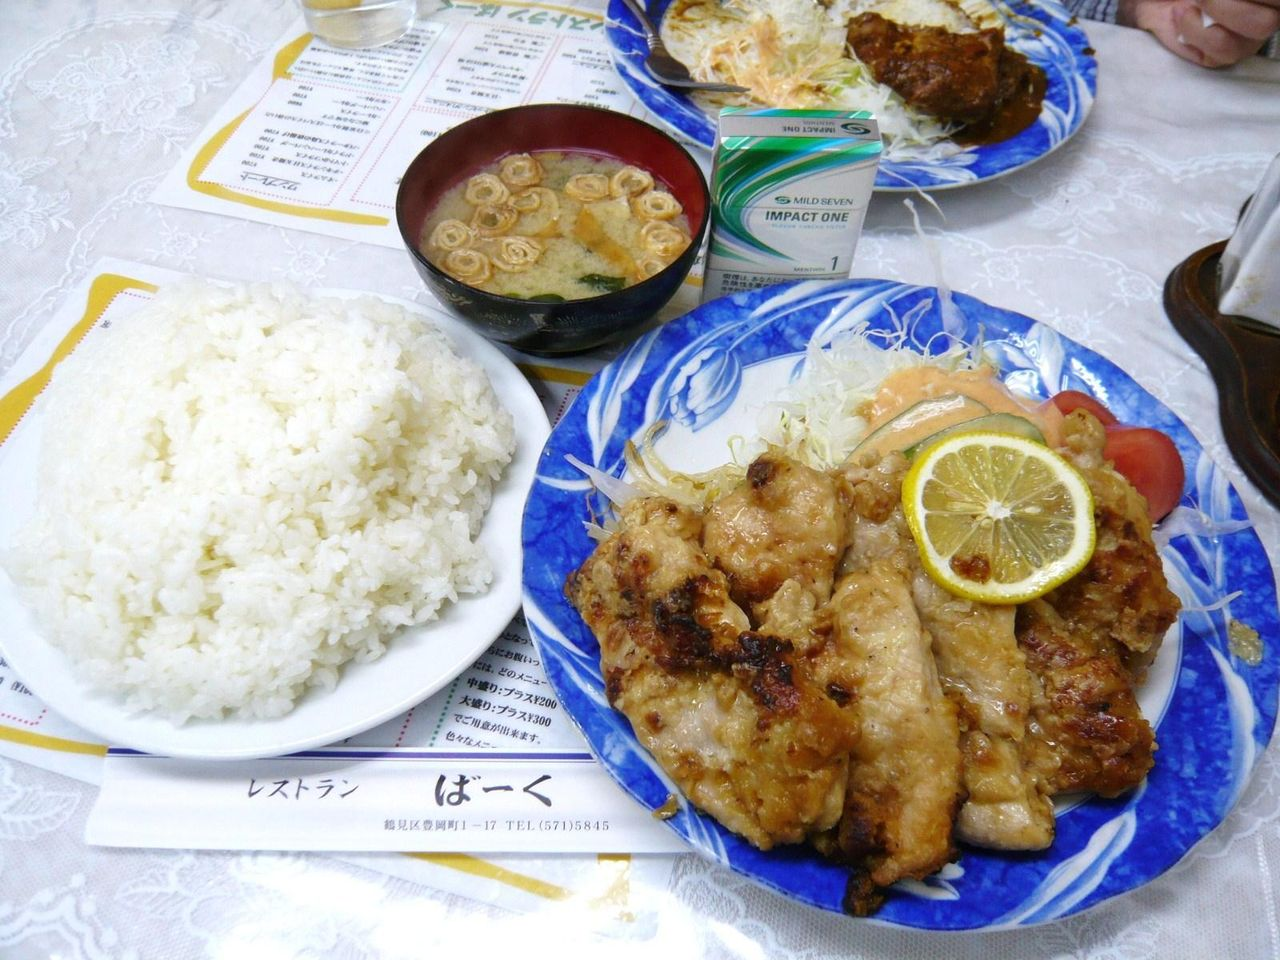 レストランばーくの鳥の唐揚げ定食(中盛)1,400円